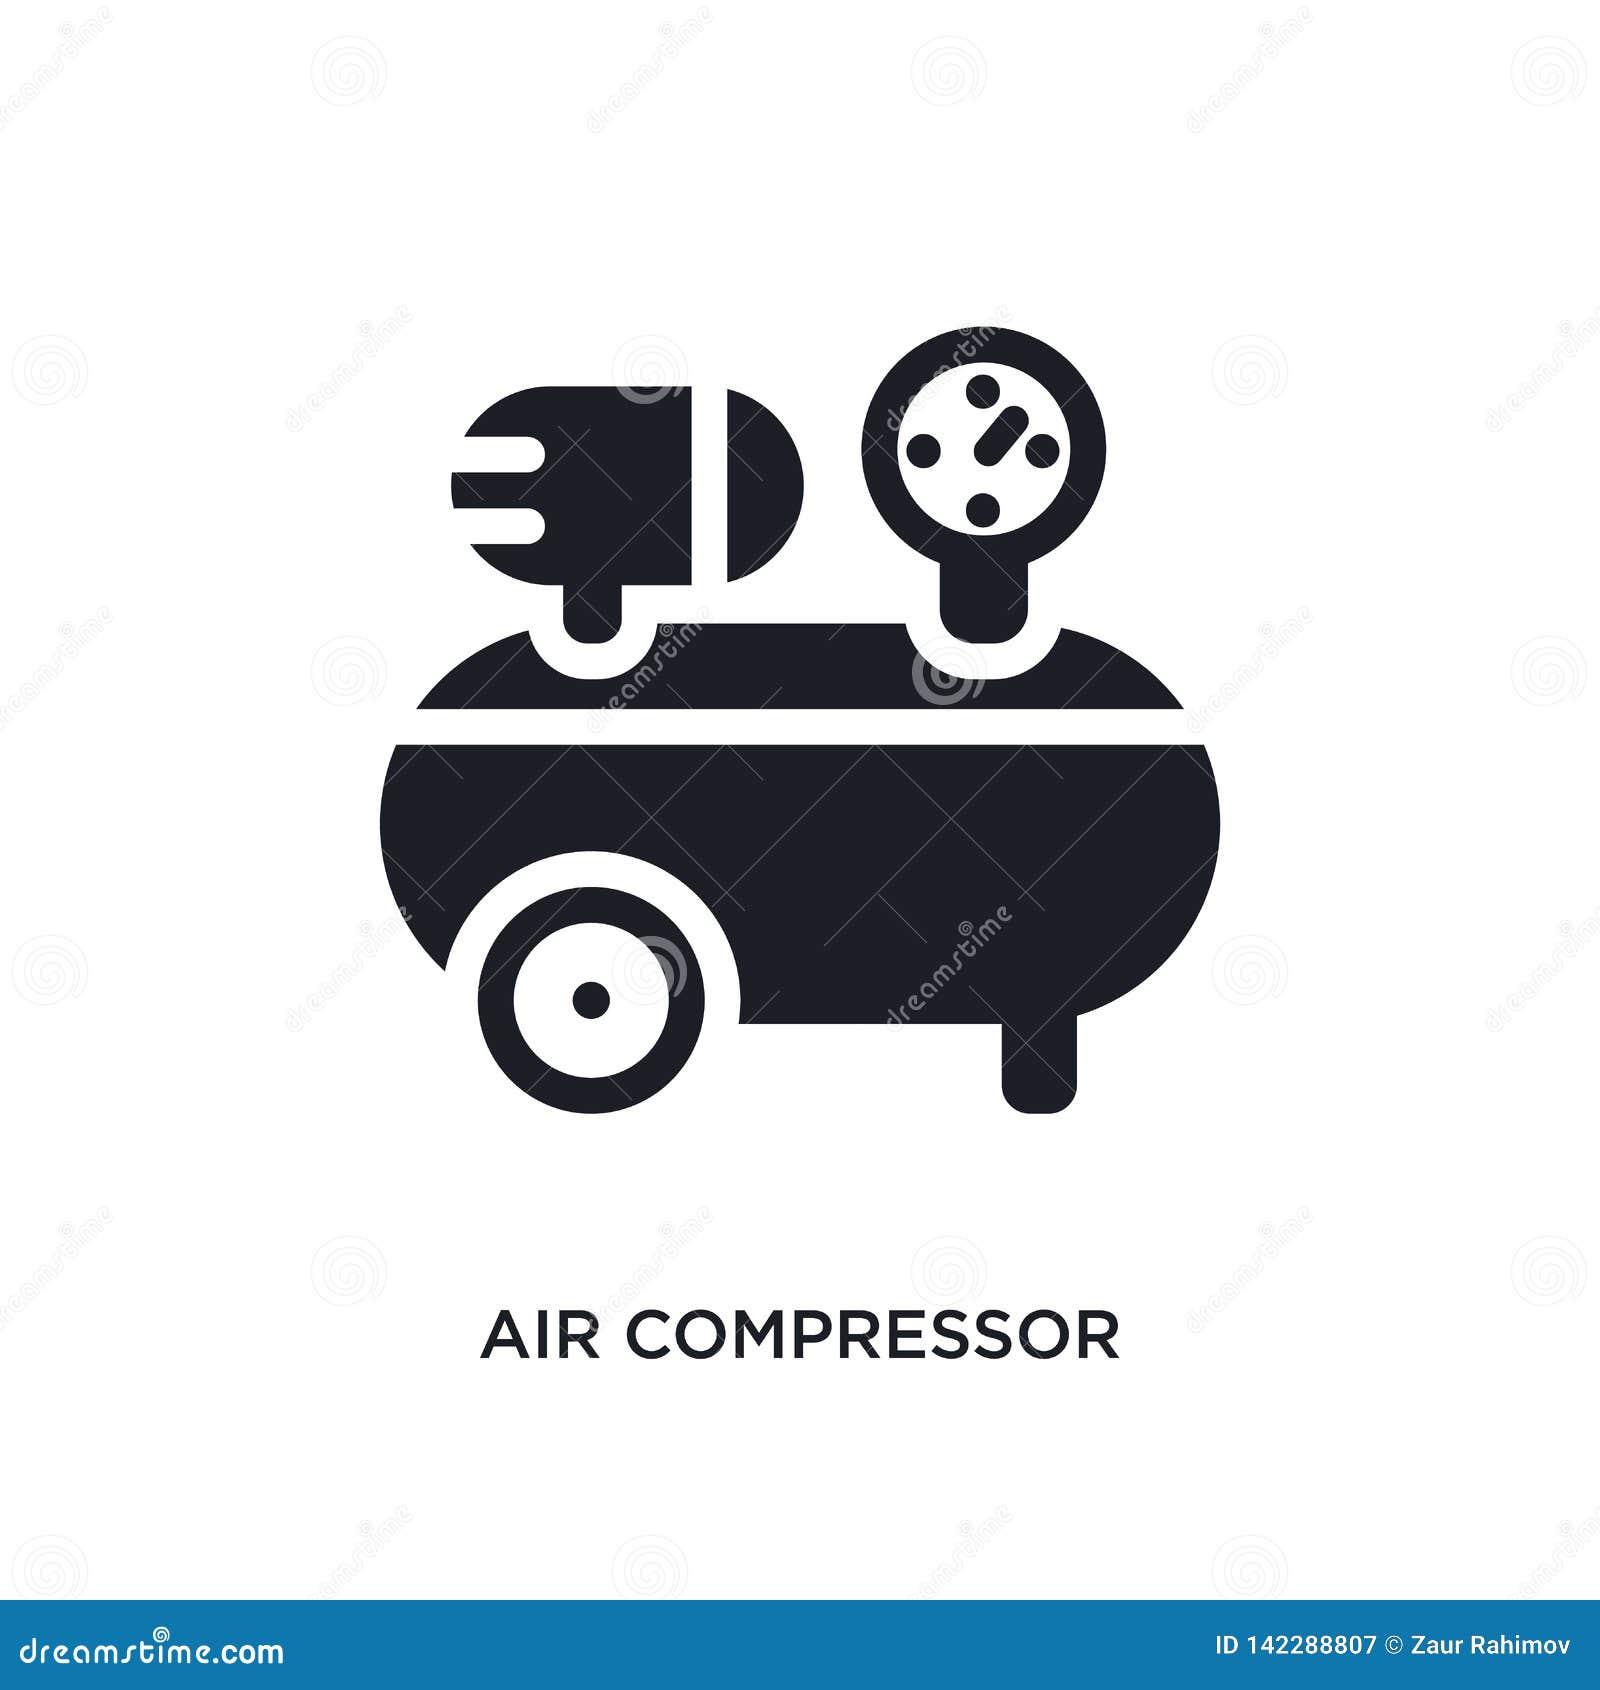 απομονωμένο εικονίδιο αεροσυμπιεστών απλή απεικόνιση στοιχείων από τα εικονίδια έννοιας κατασκευής editable σημάδι λογότυπων αερο